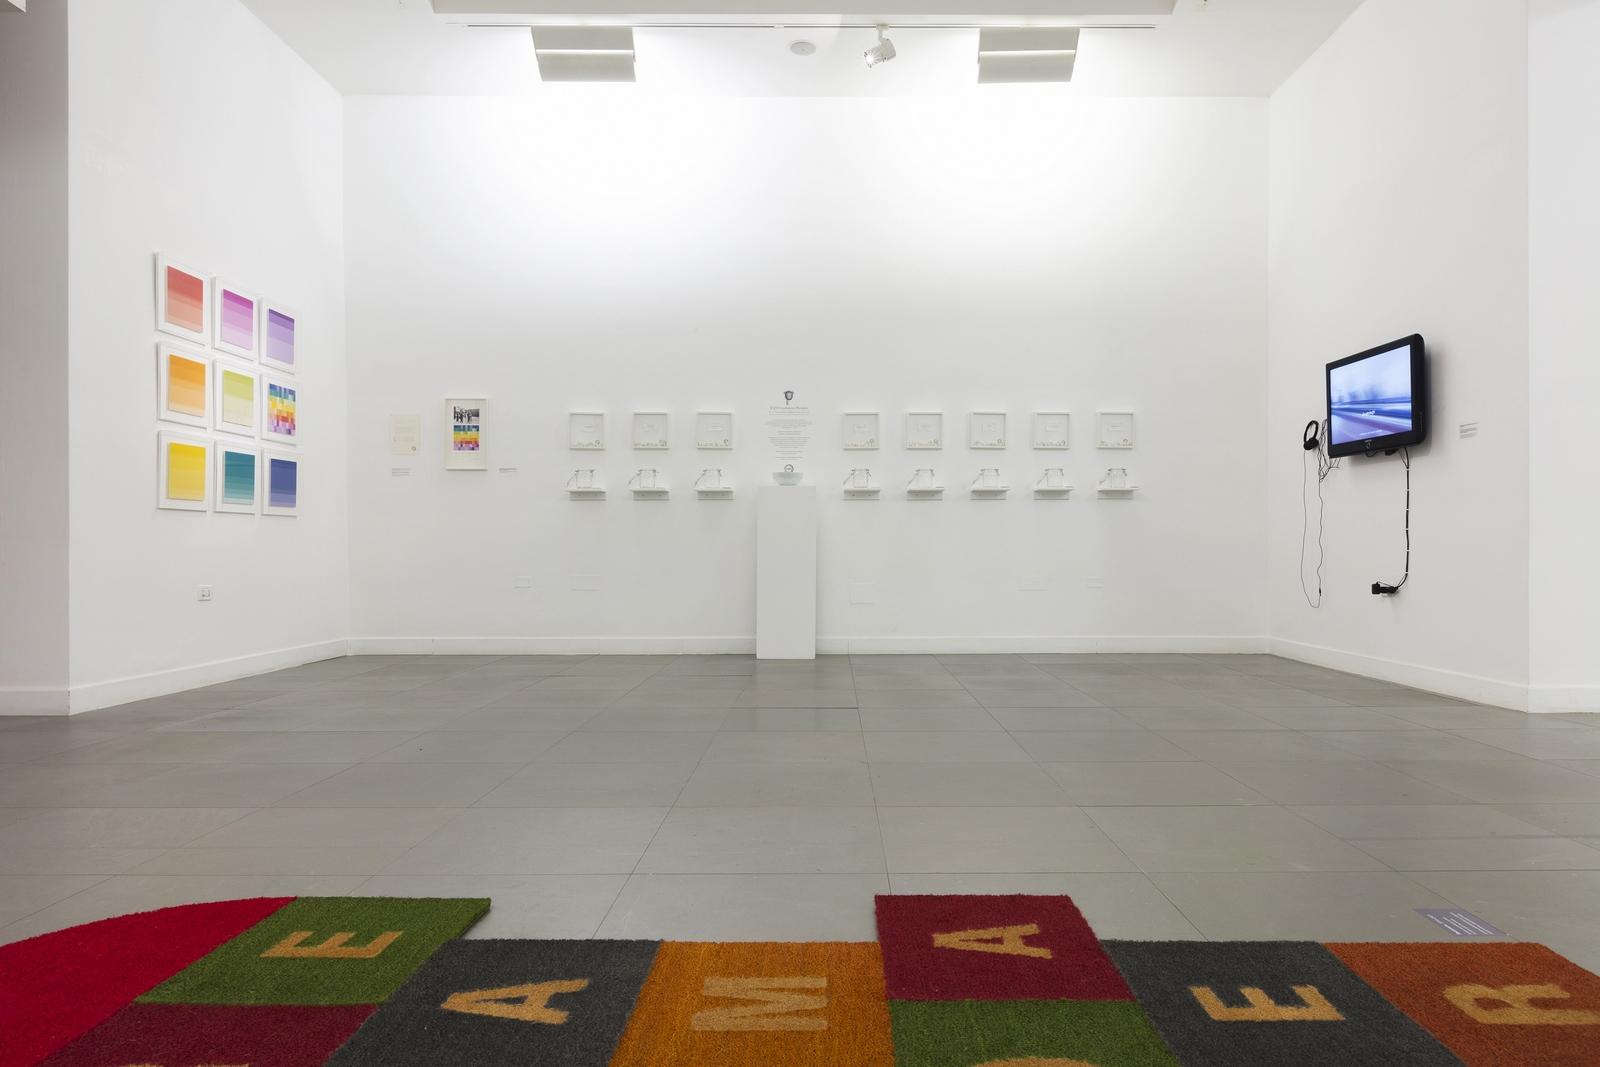 La Spezia, la mostra di Sabrina D'Alessandro che recupera le parole perdute